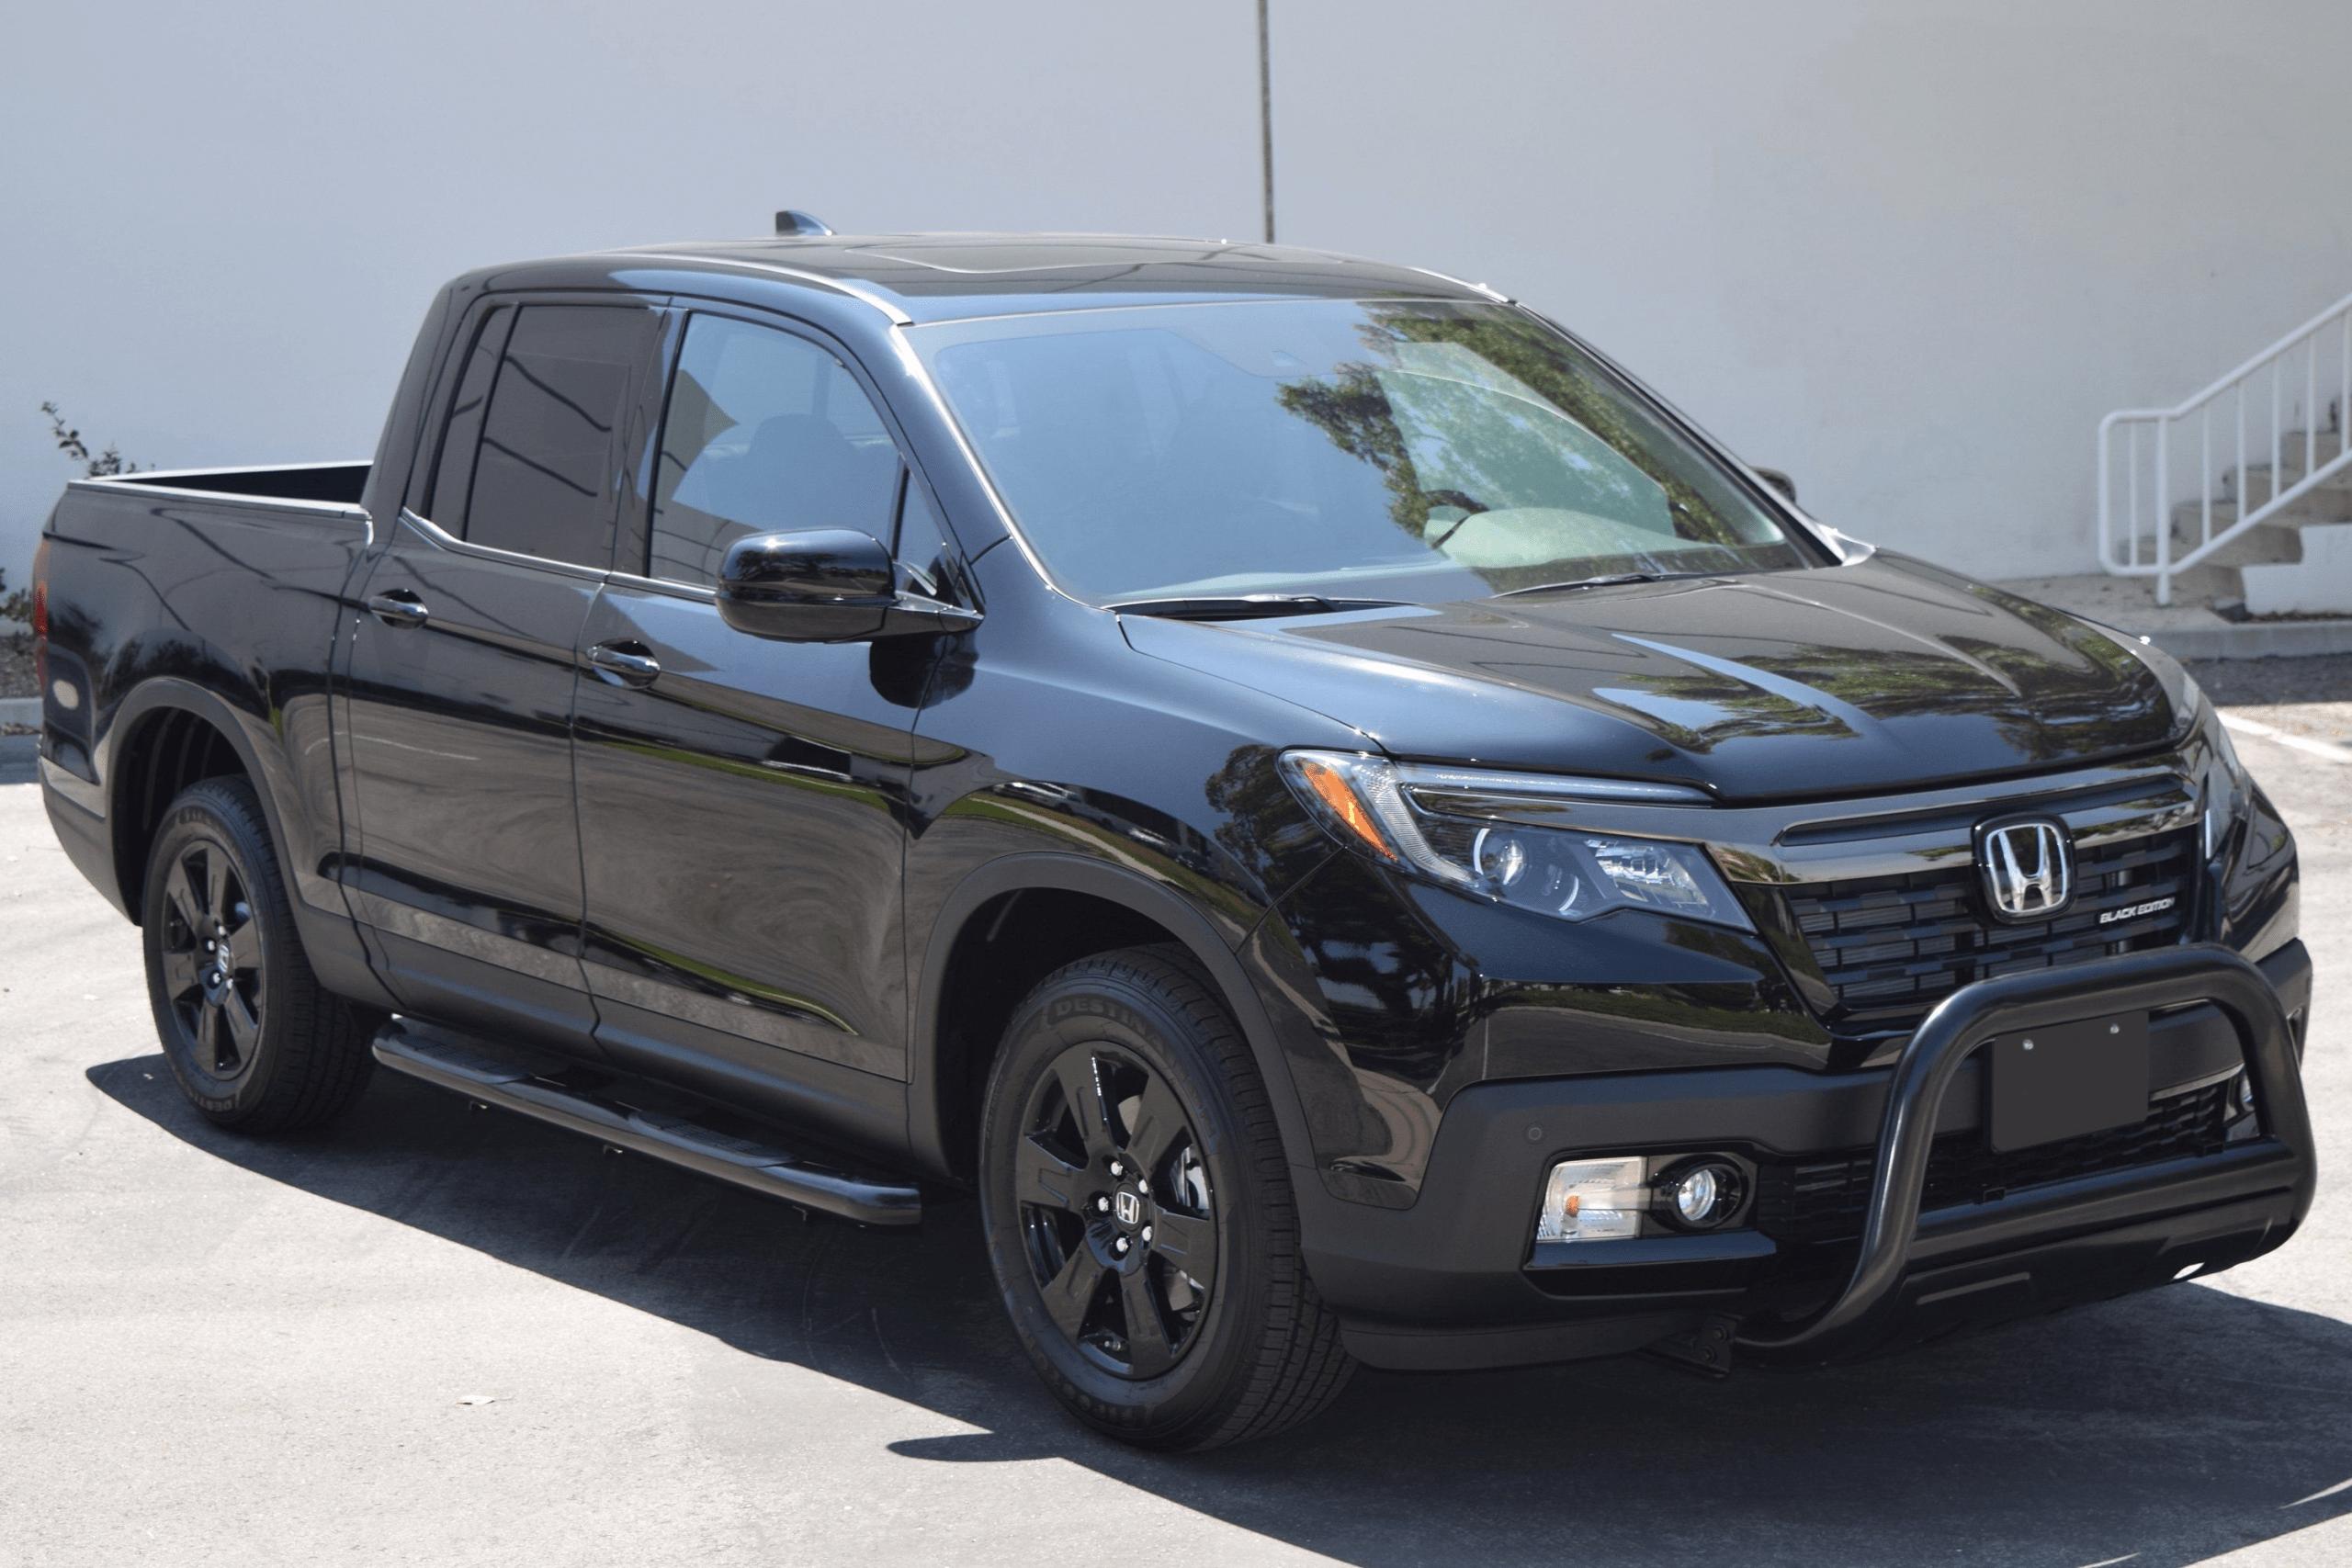 2020 Honda Ridgeline Pickup Truck Specs In 2020 Honda Ridgeline Honda Truck Pickup Trucks